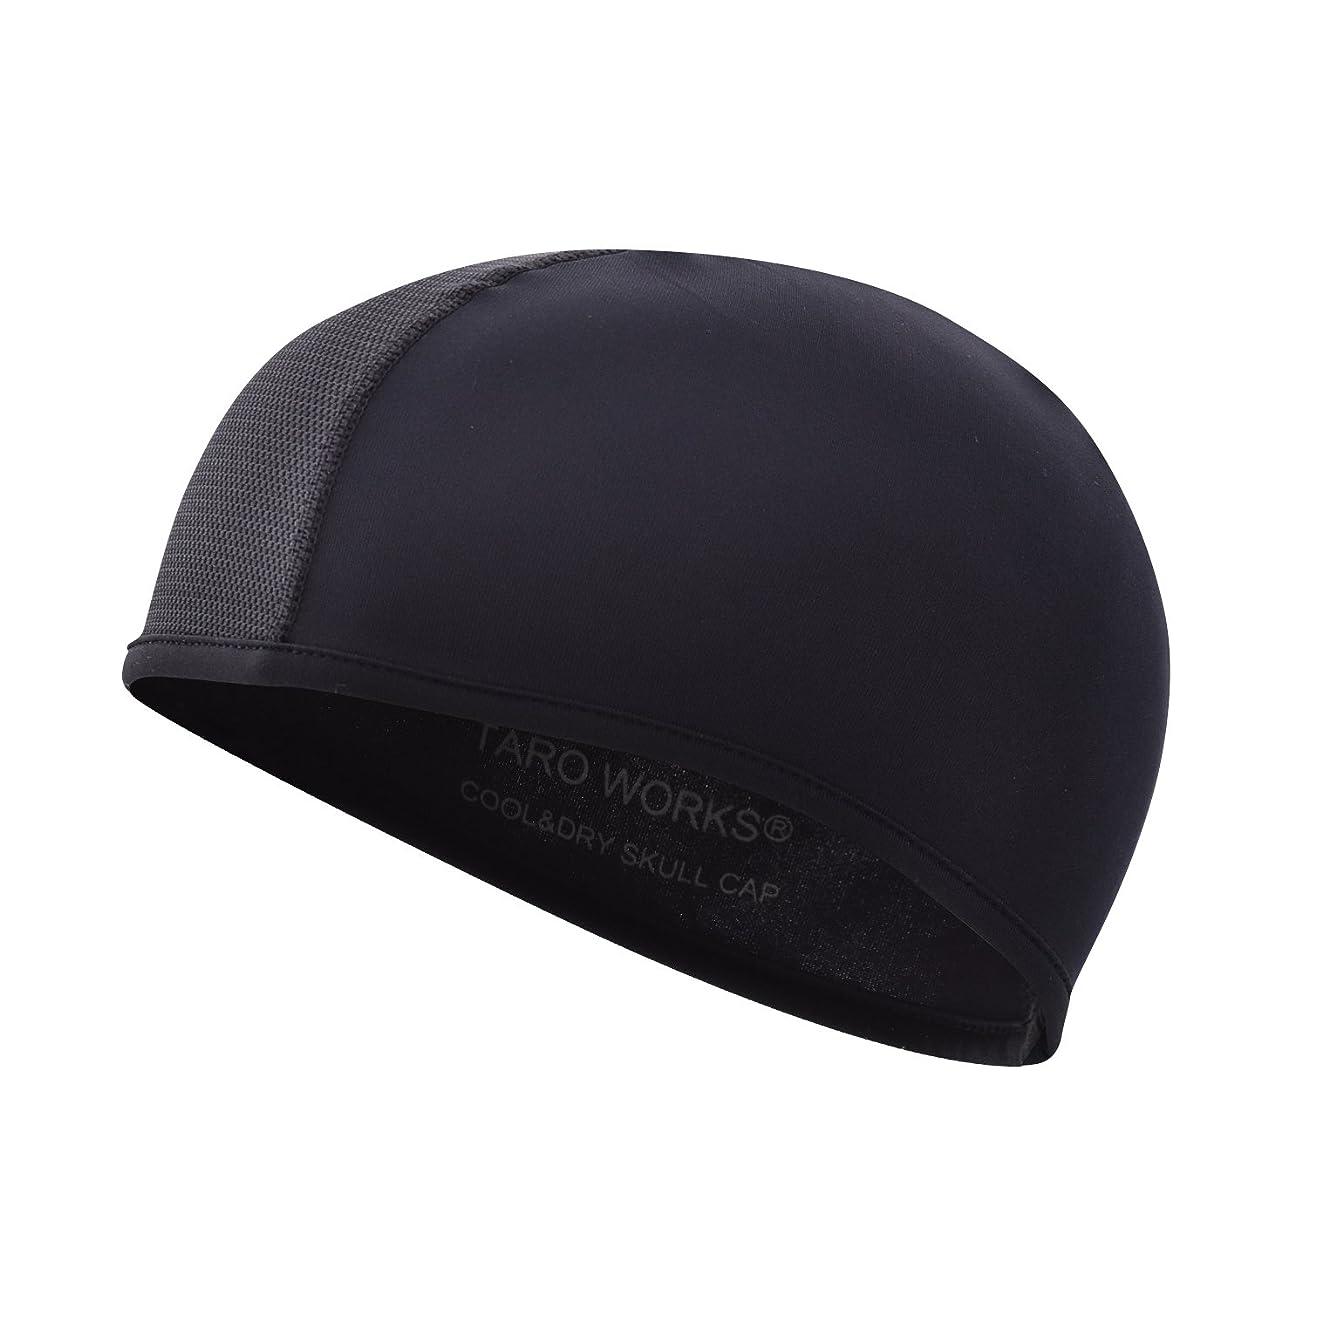 葡萄国勢調査少ない[TARO WORKS] ヘルメット インナーキャップ 吸汗 速乾 ビーニー スカル キャップ